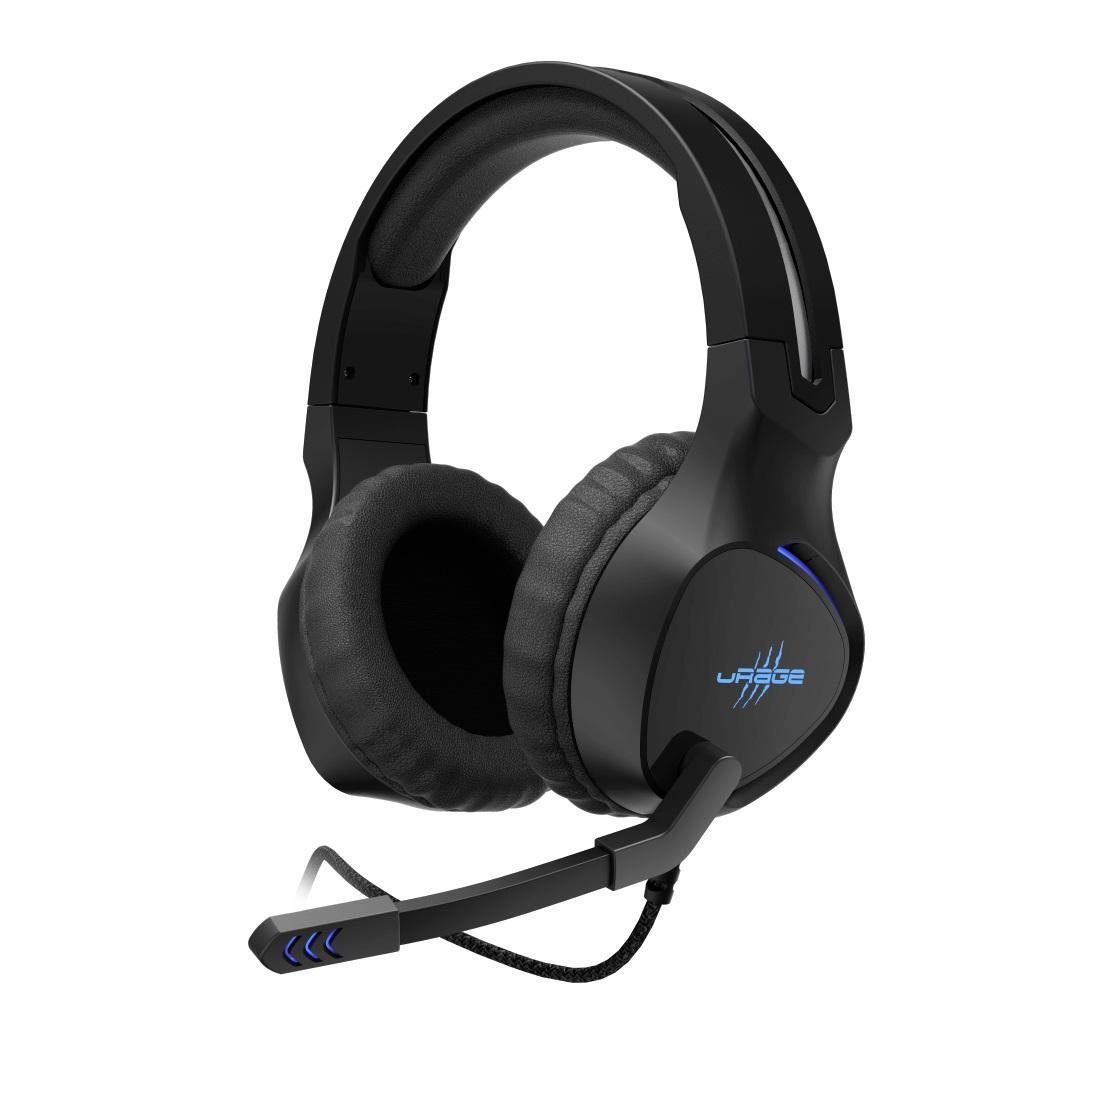 Геймърски слушалки Hama uRage SoundZ 400, Микрофон, USB Черен